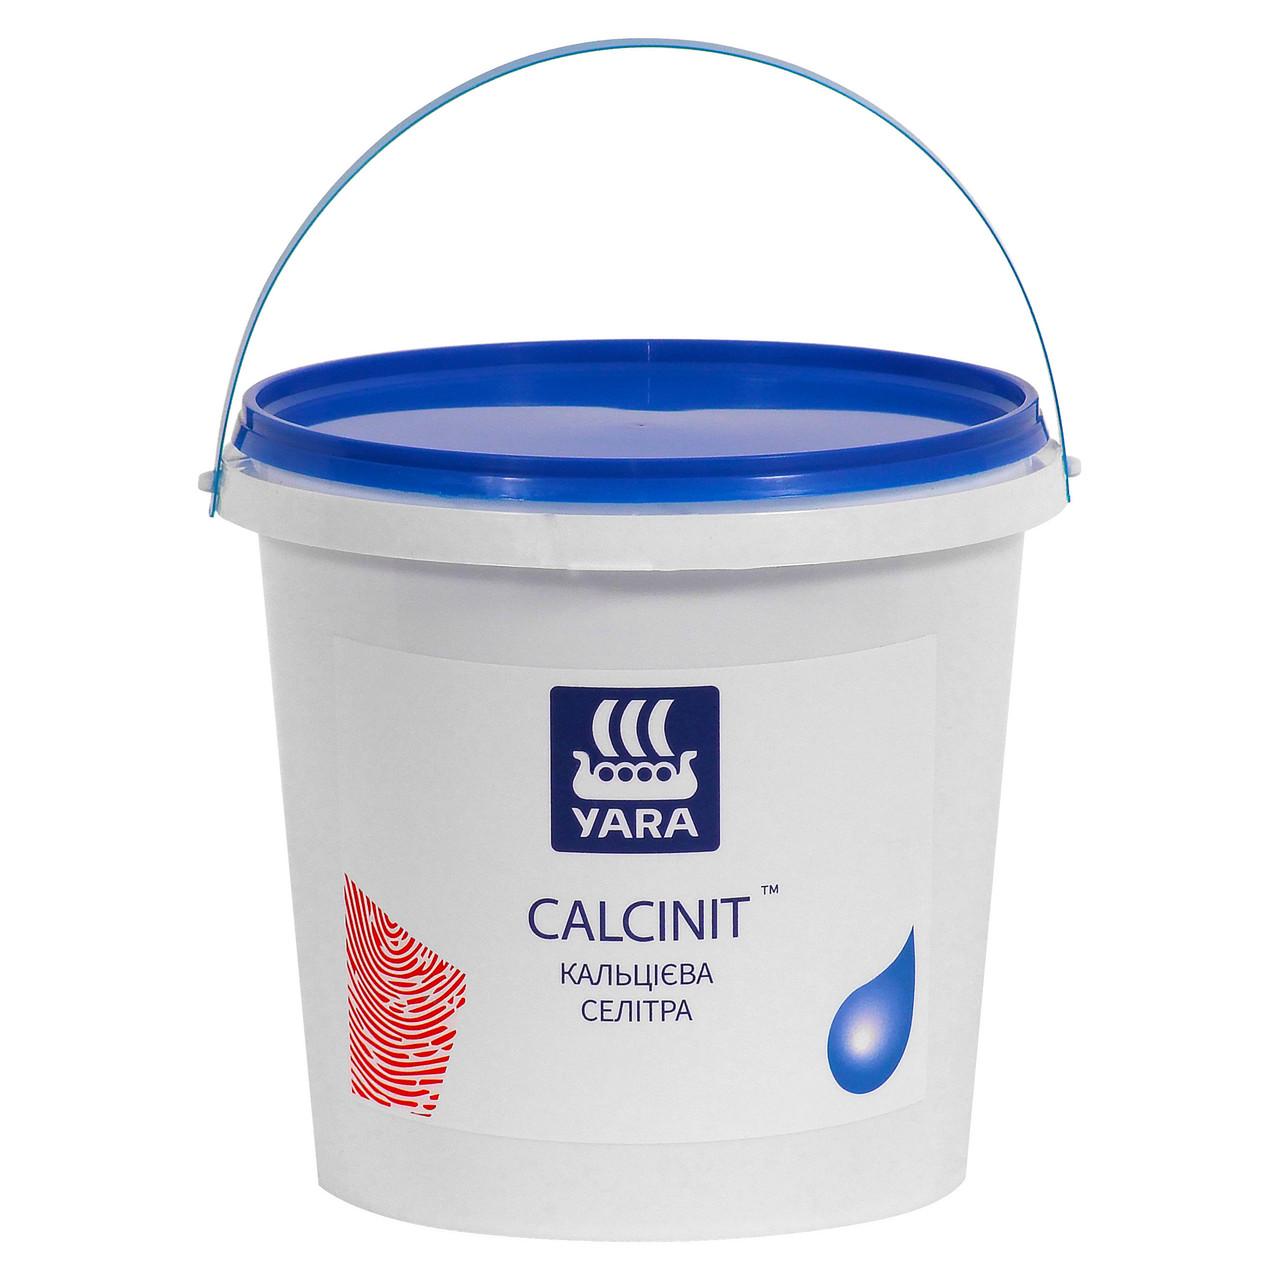 Азотне добриво для гідропоніки, для аквапоники, кальцієва селітра, Яру Кальцинит, Yara CALCINIT (1,0 кг)